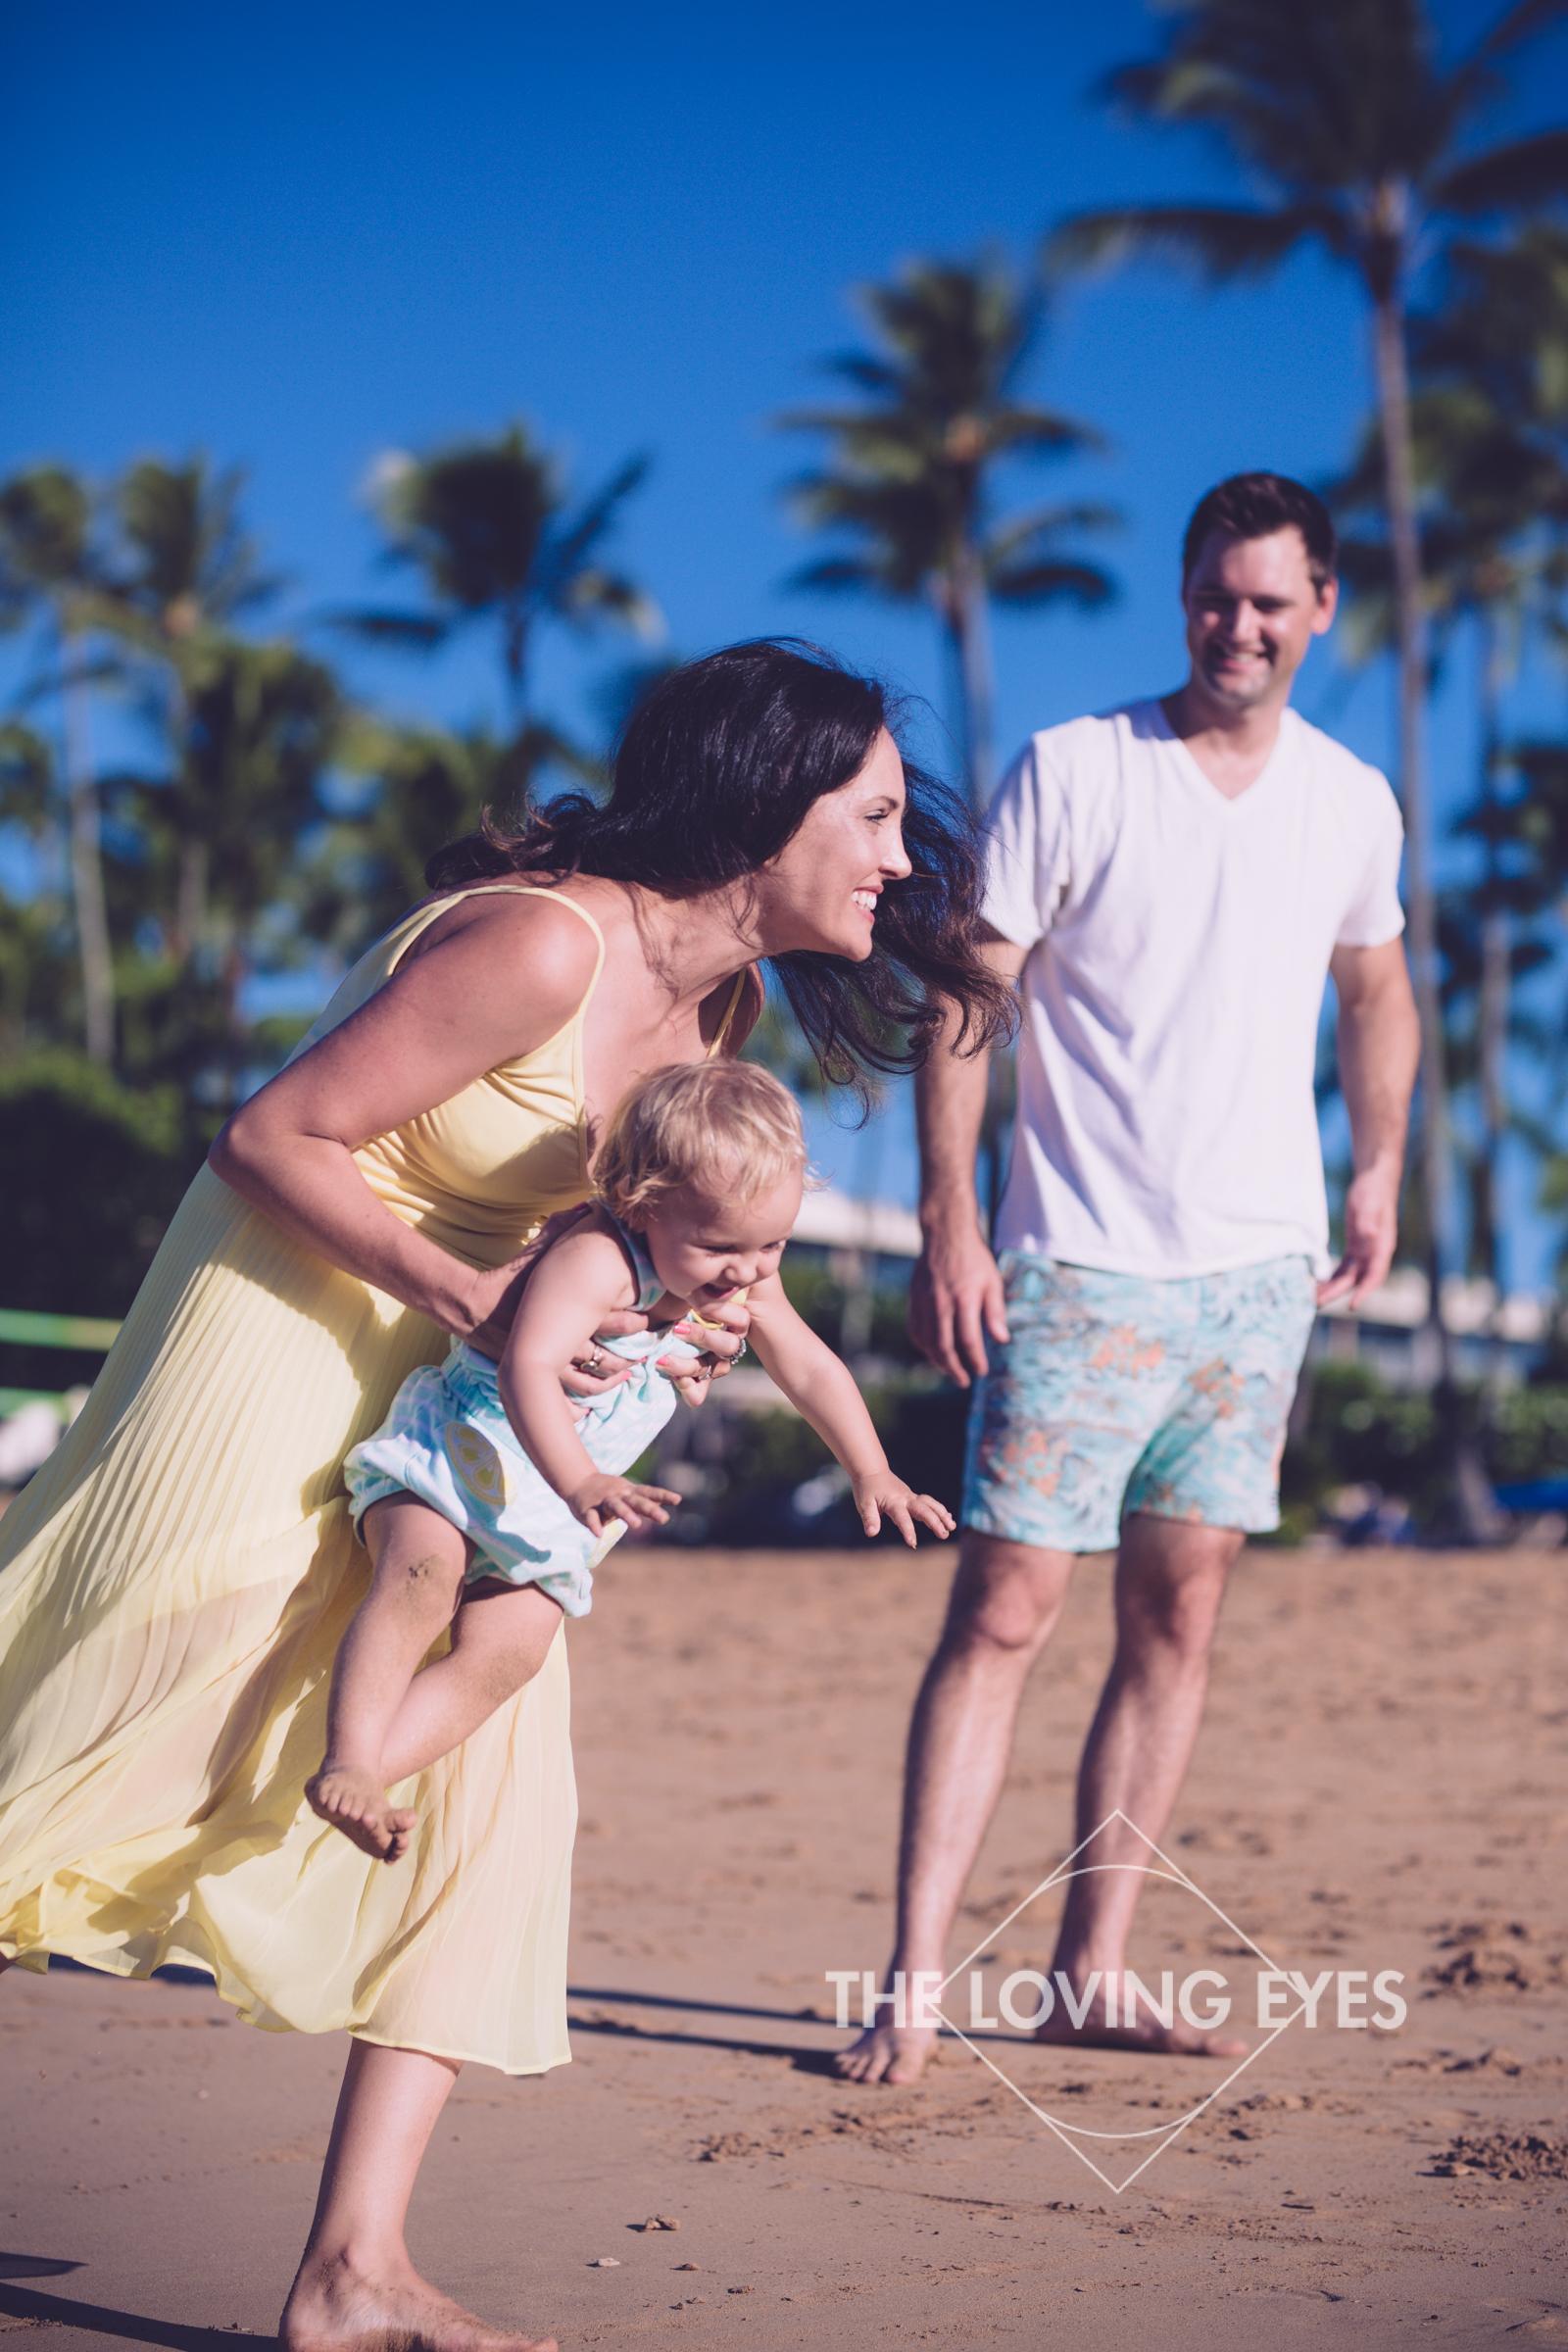 Kauai-Family-Vacation-Beach-Photos-16.jpg